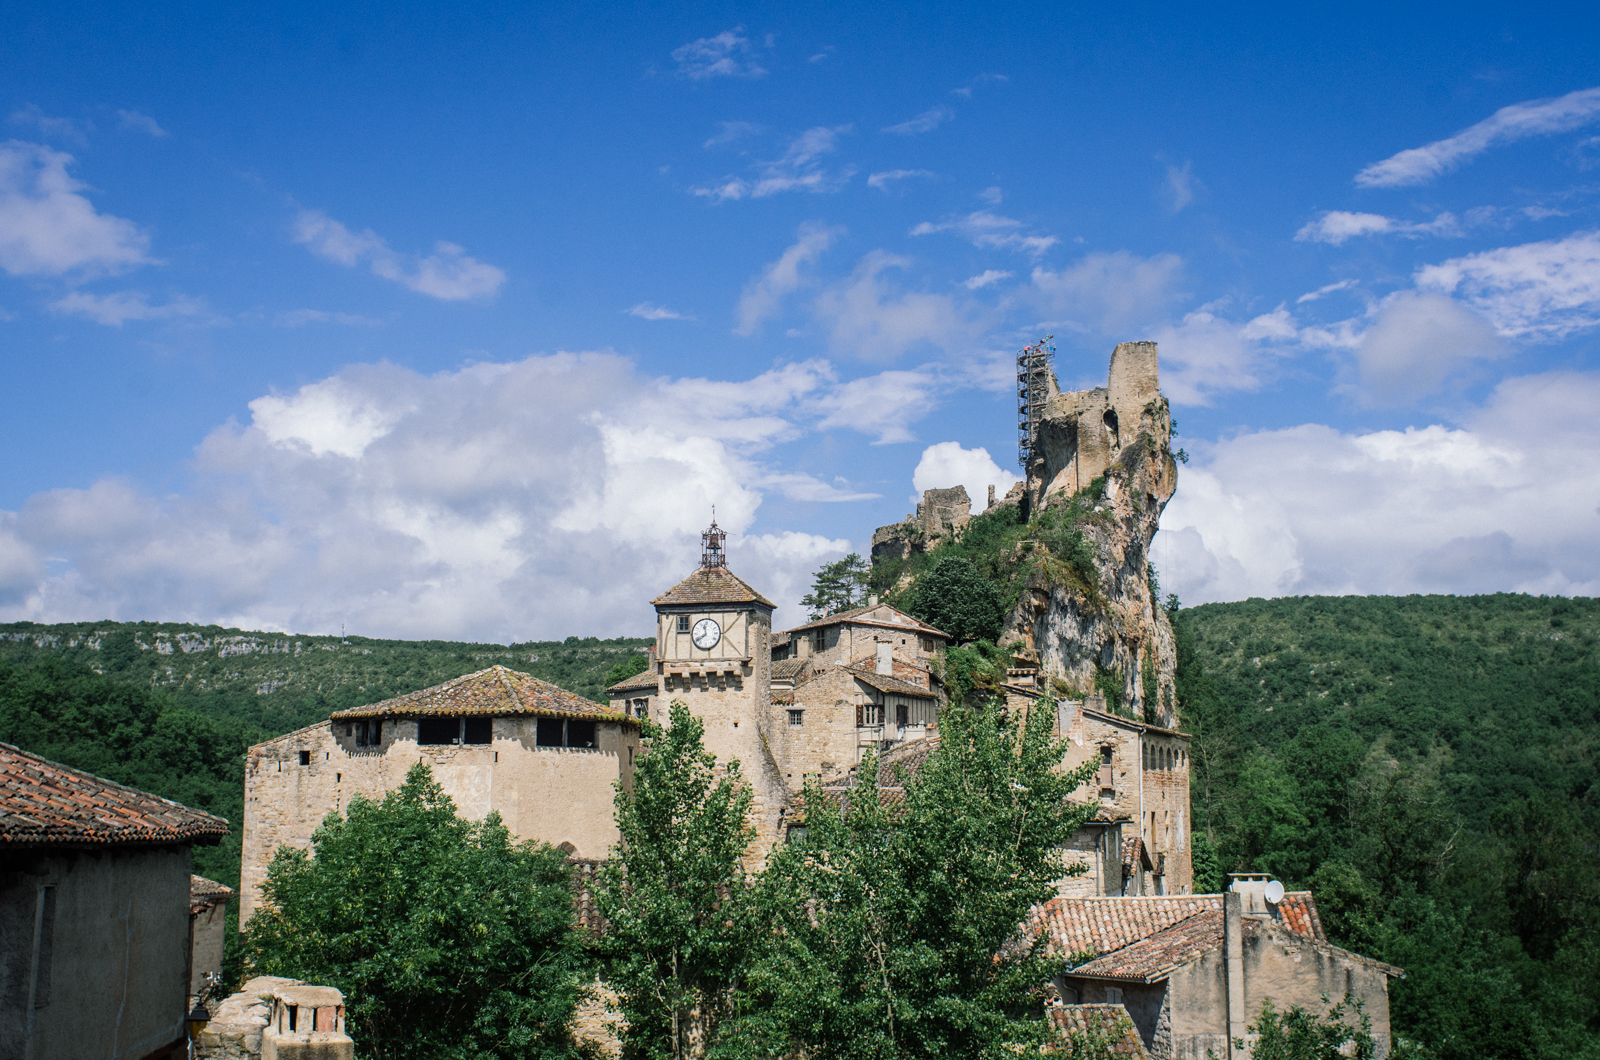 Randonnée dans les gorges de l'Aveyron sur le GR46 - Penne - Mirabilia et son conservateur